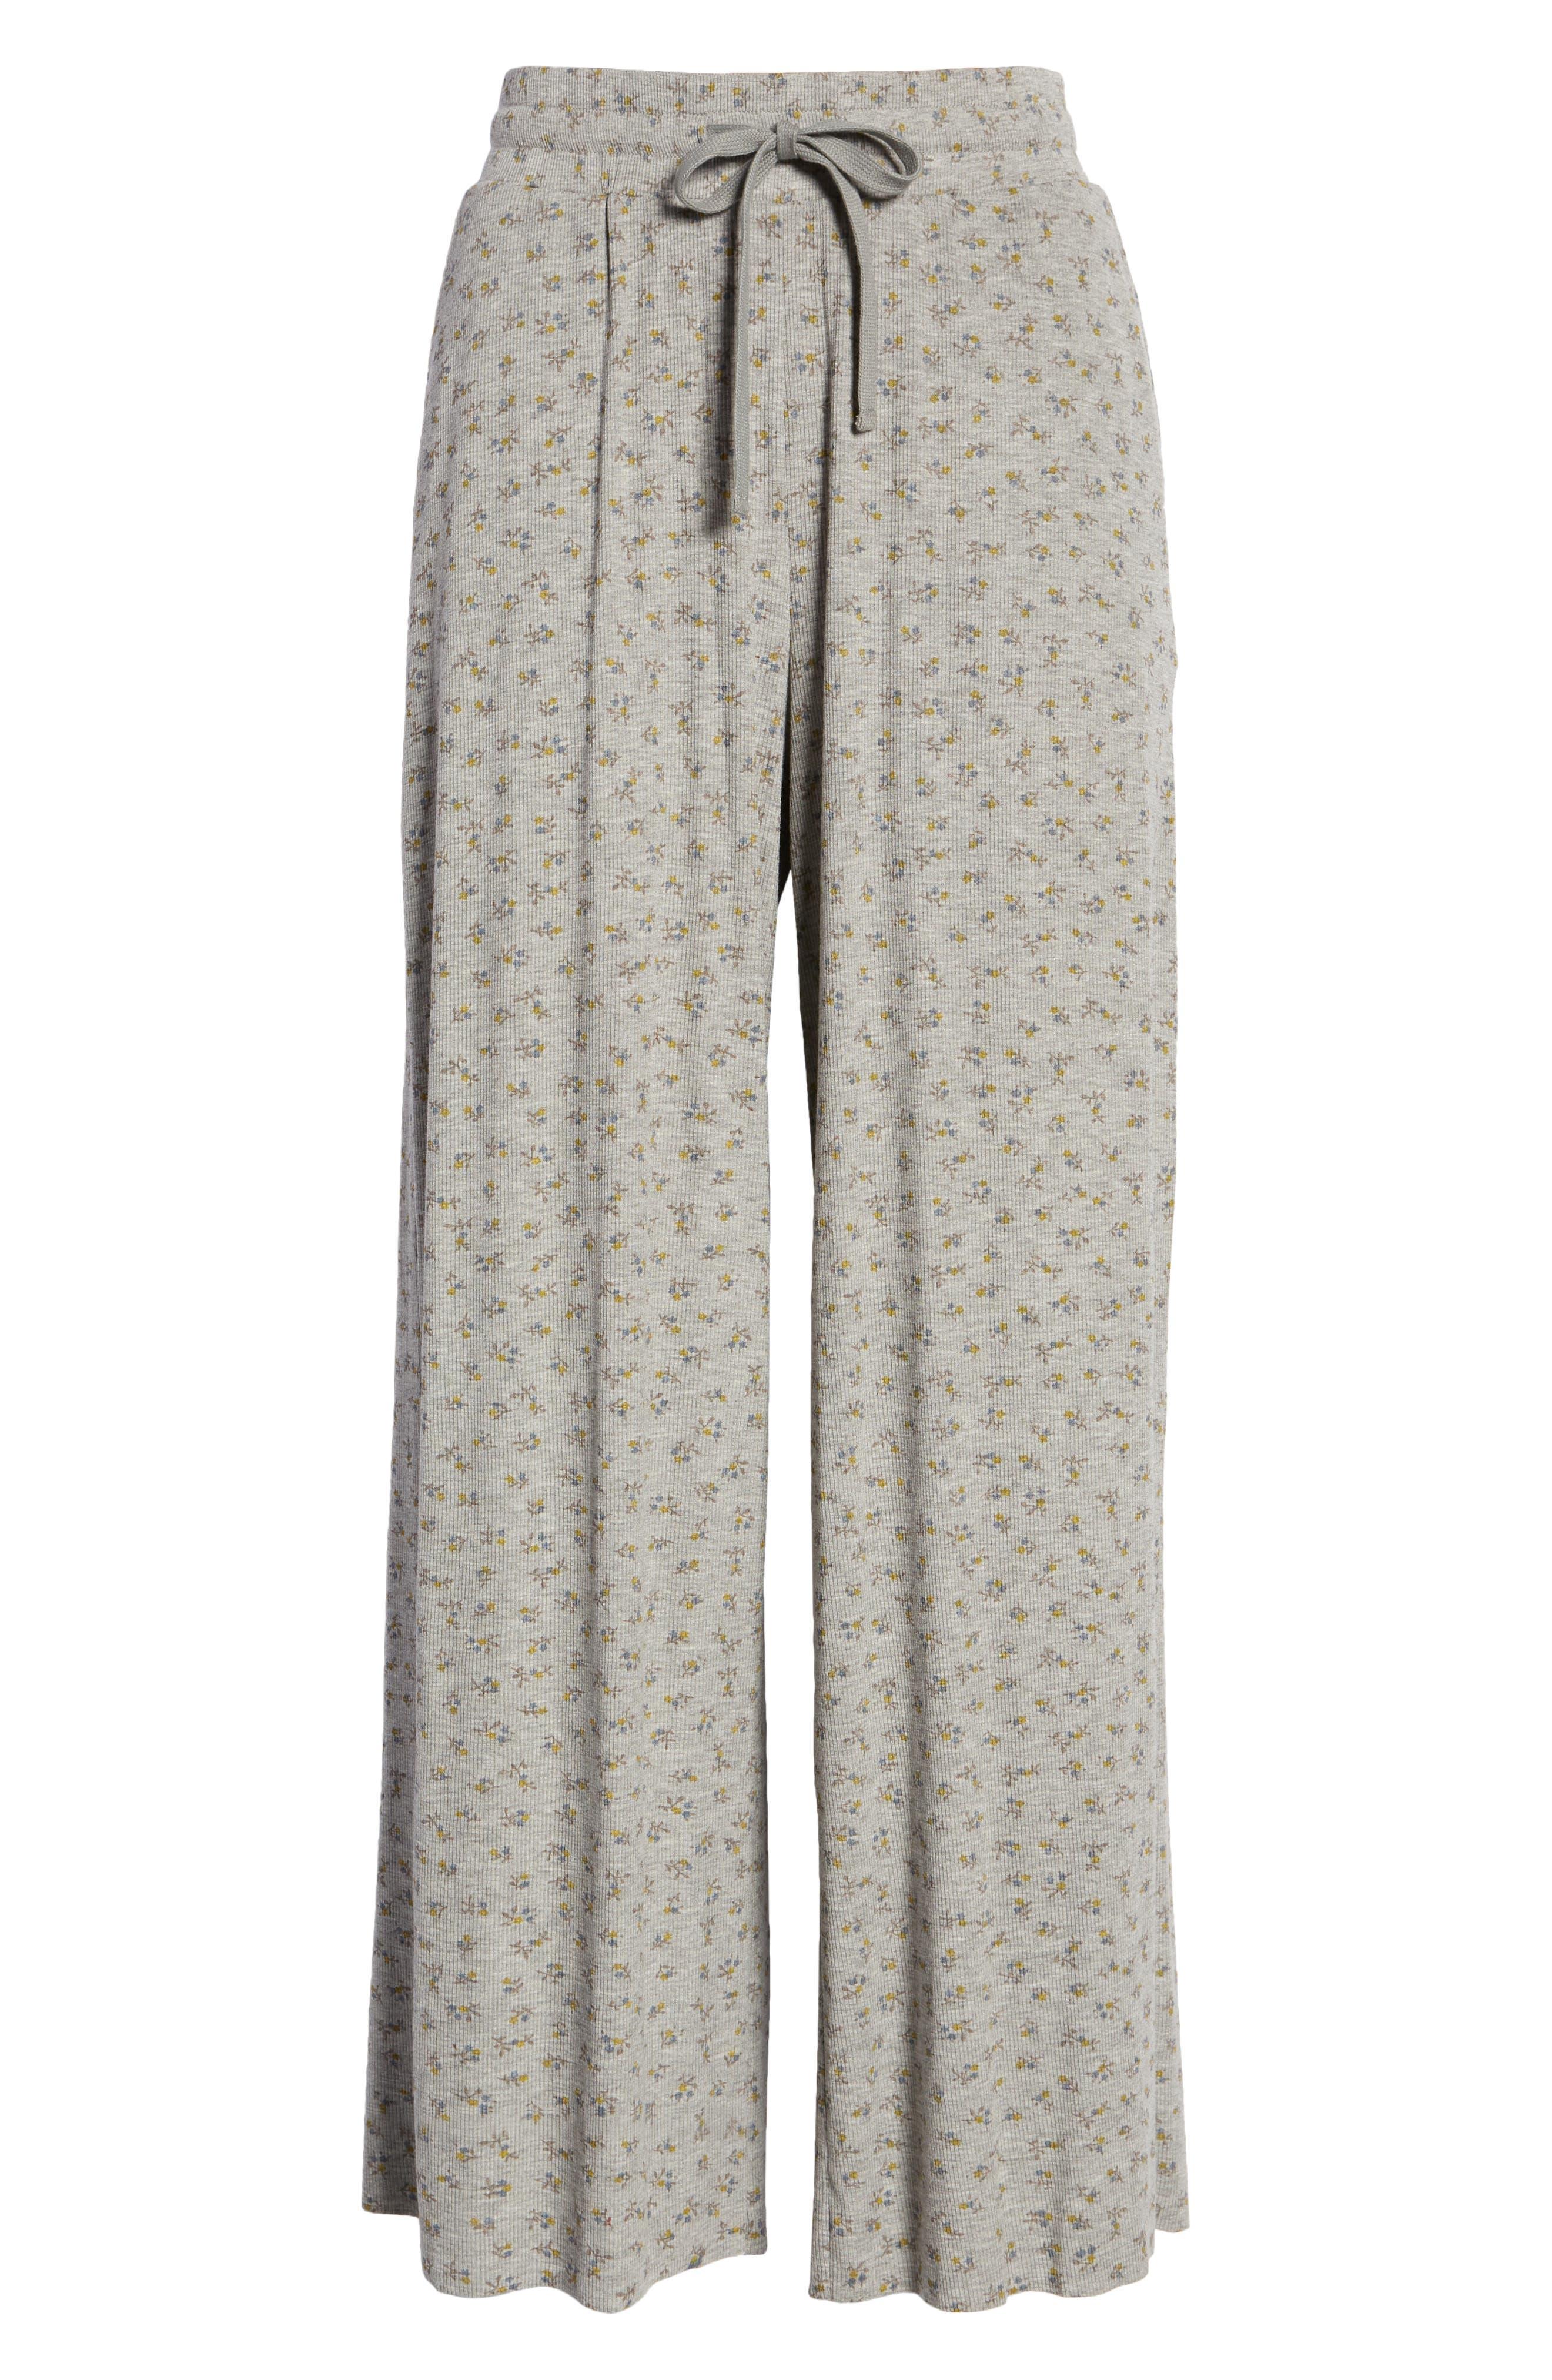 Pierson Floral Print Rib Knit Ankle Pants